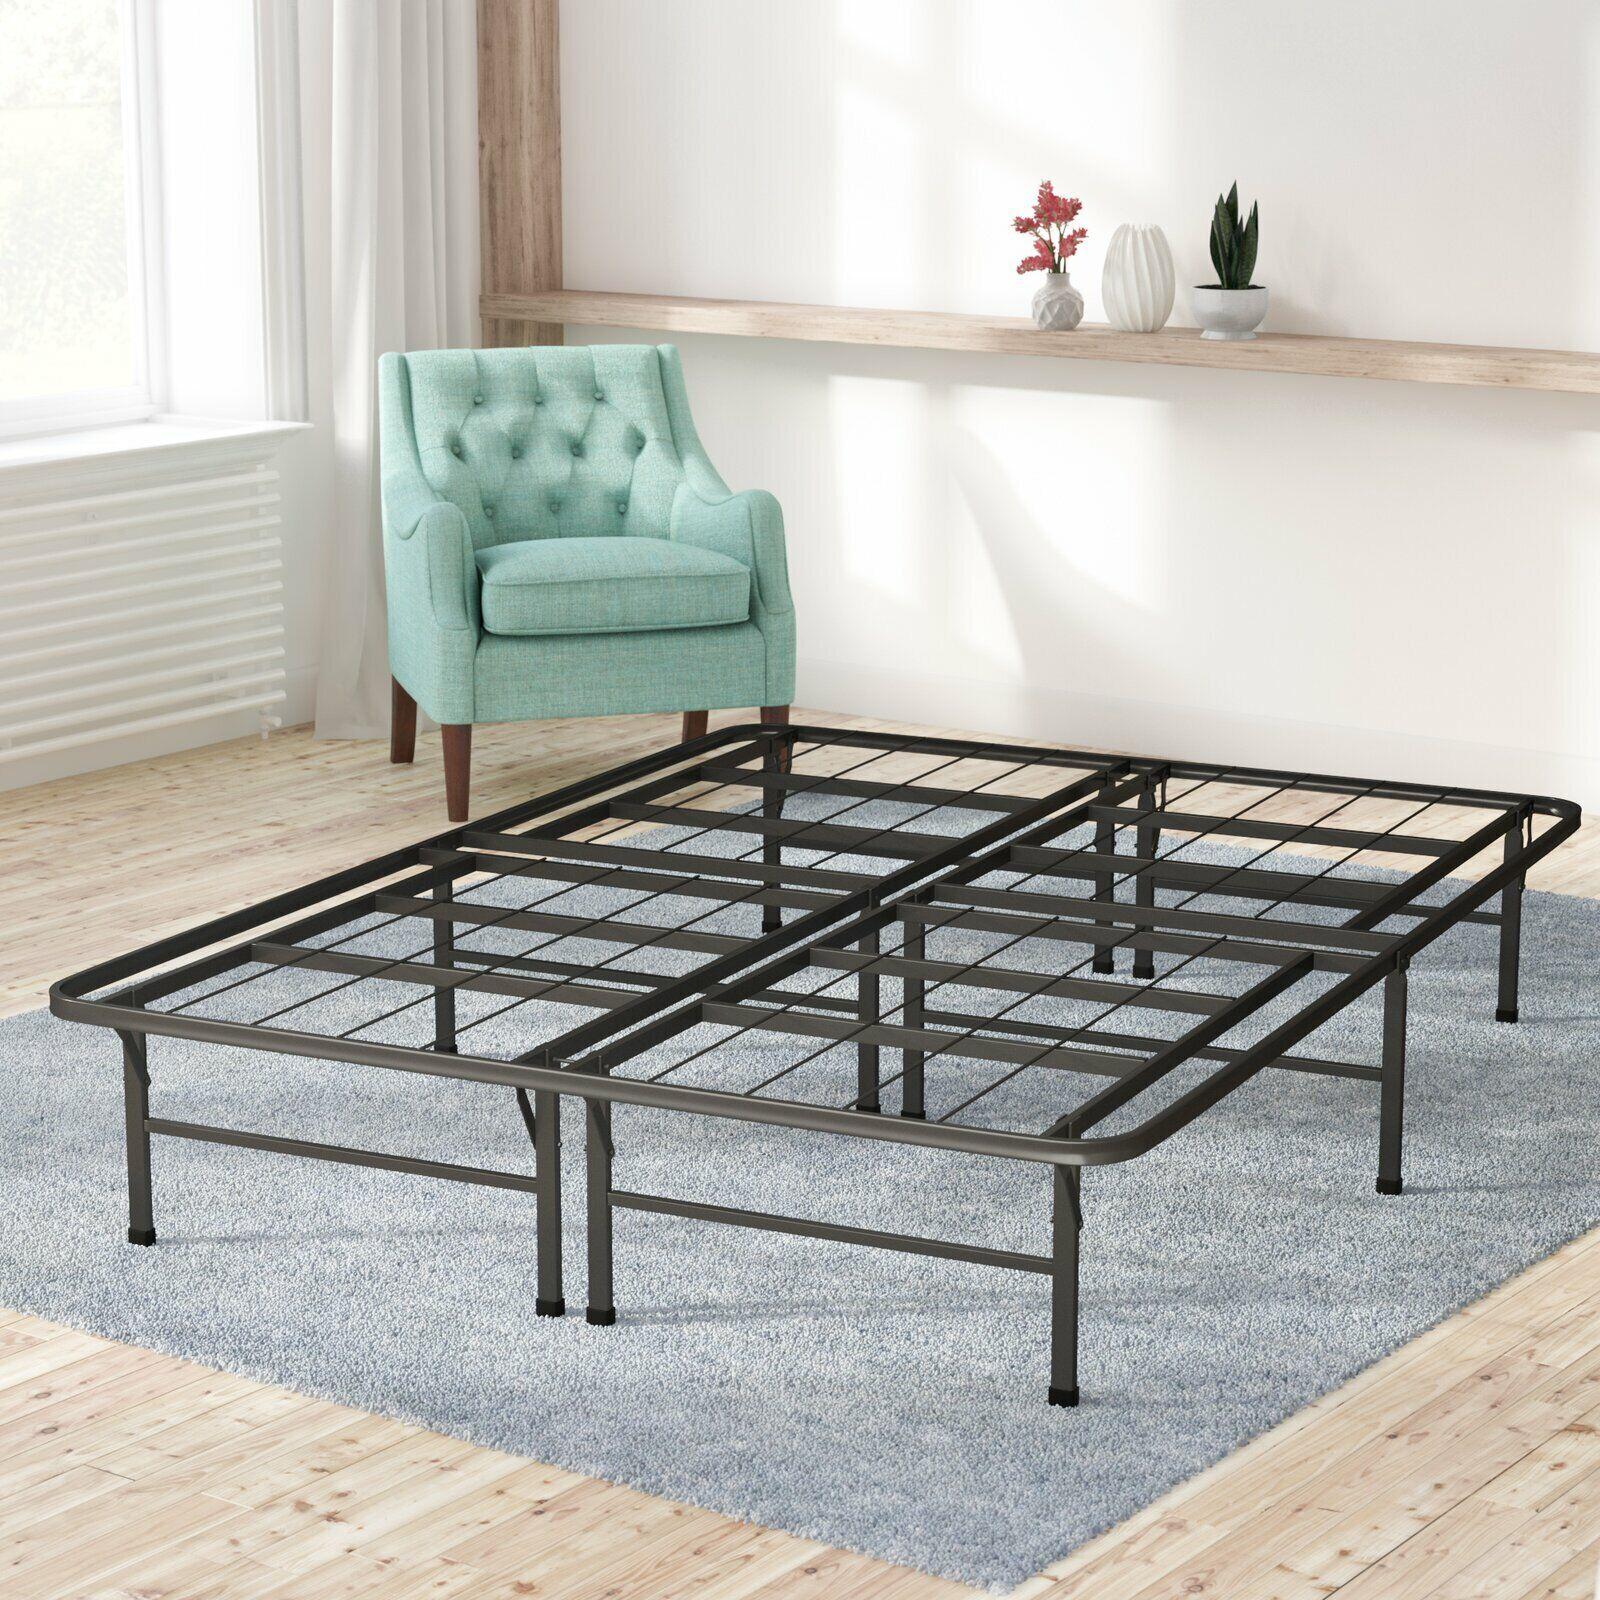 Full Easy Setup Bi-Fold Metal Bed Frame w Under bed Storage,